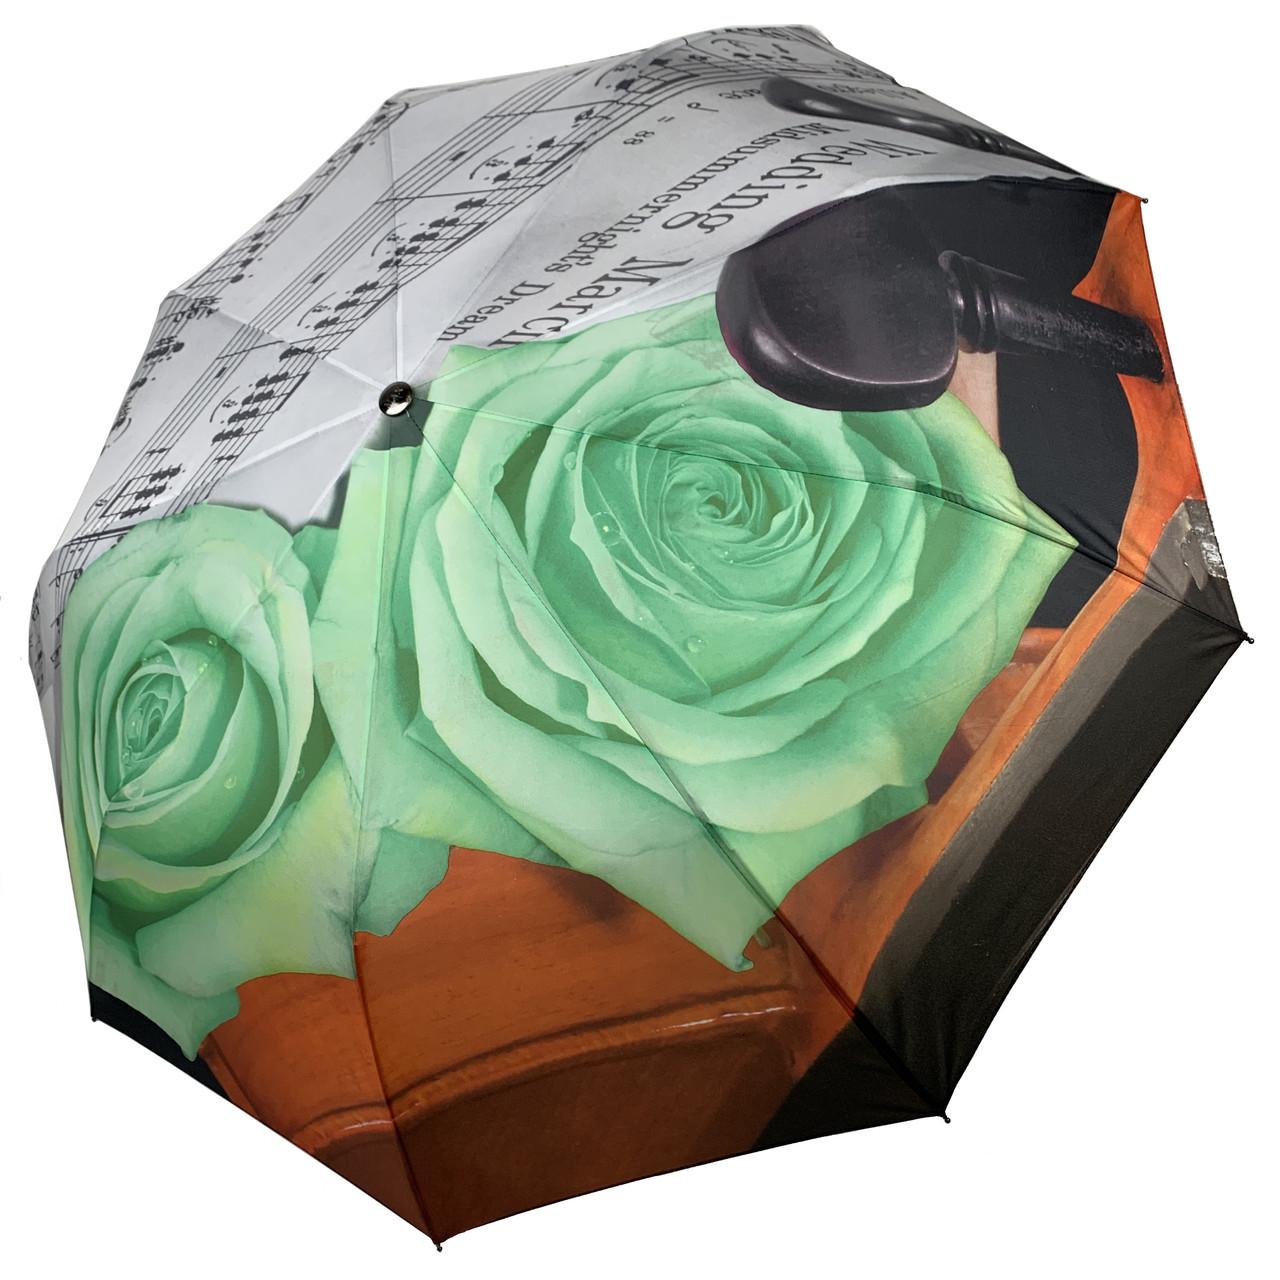 Женский зонт-полуавтомат от Max, с принтом нот и цветков розы зеленого цвета,127-3